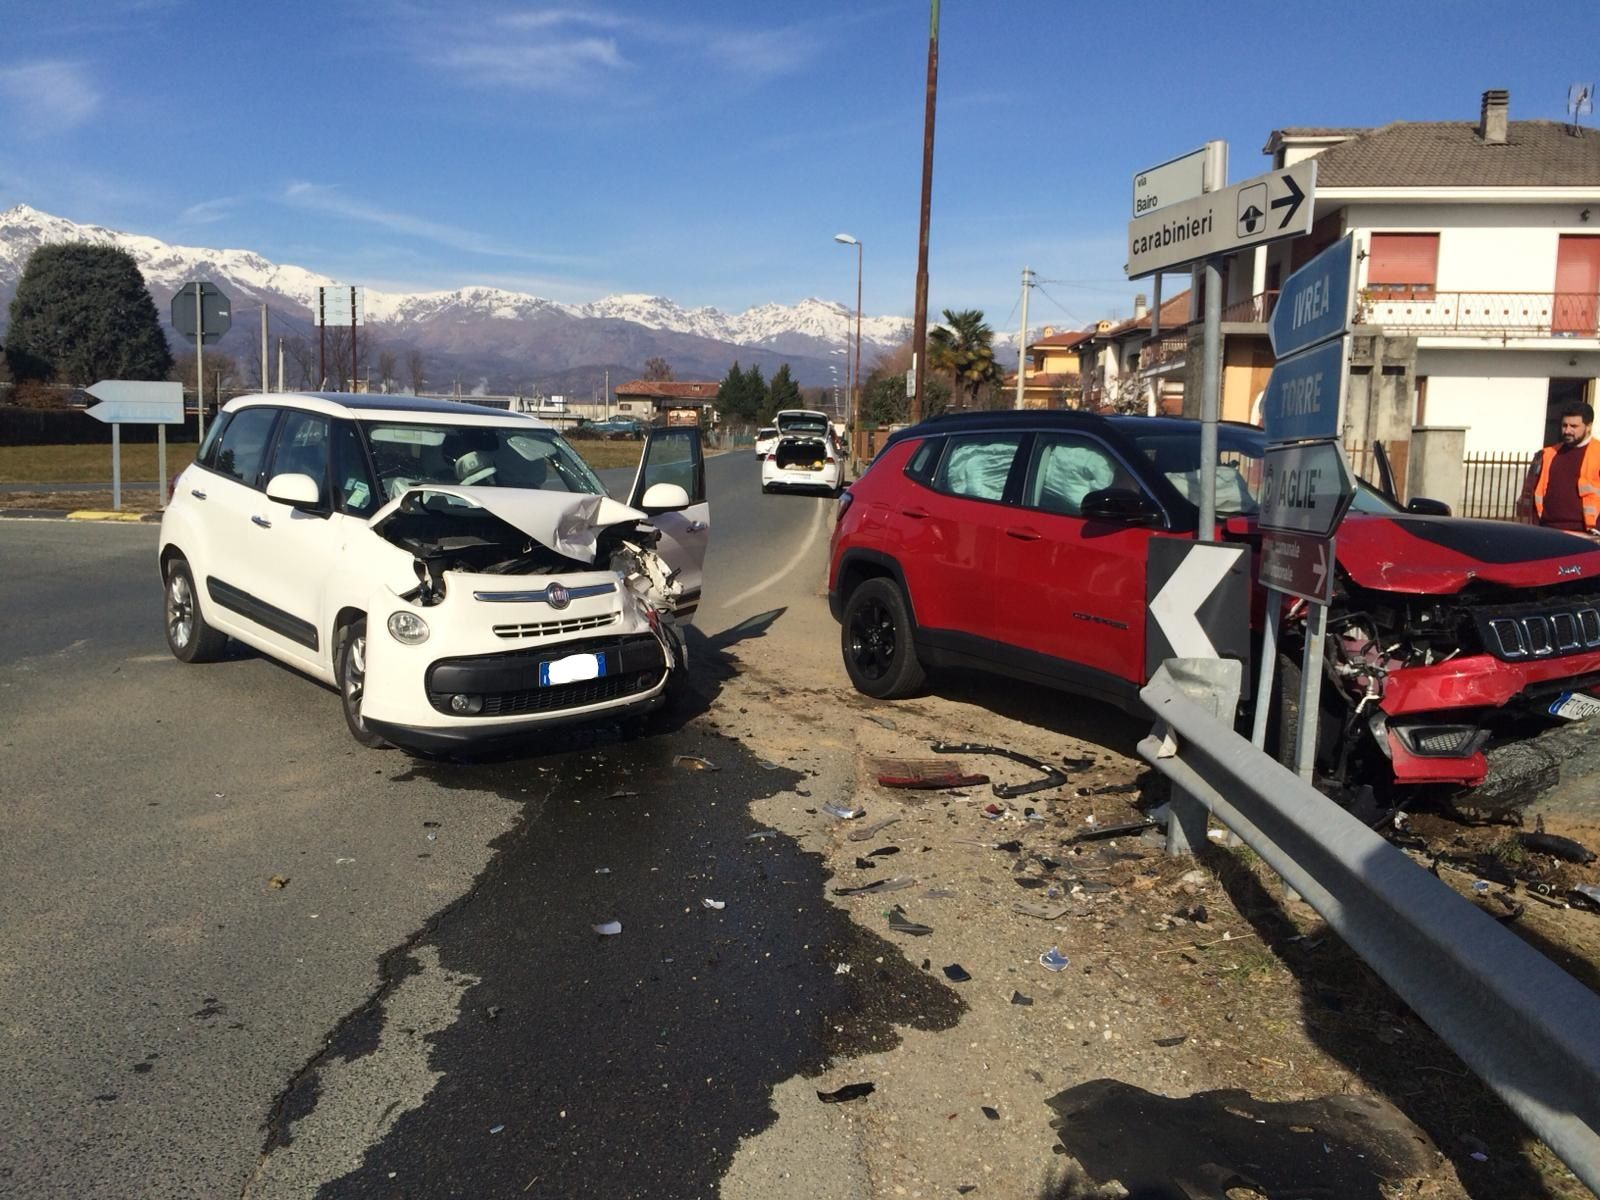 AGLIE' - Incidente stradale all'incrocio per Bairo: una ferita - FOTO